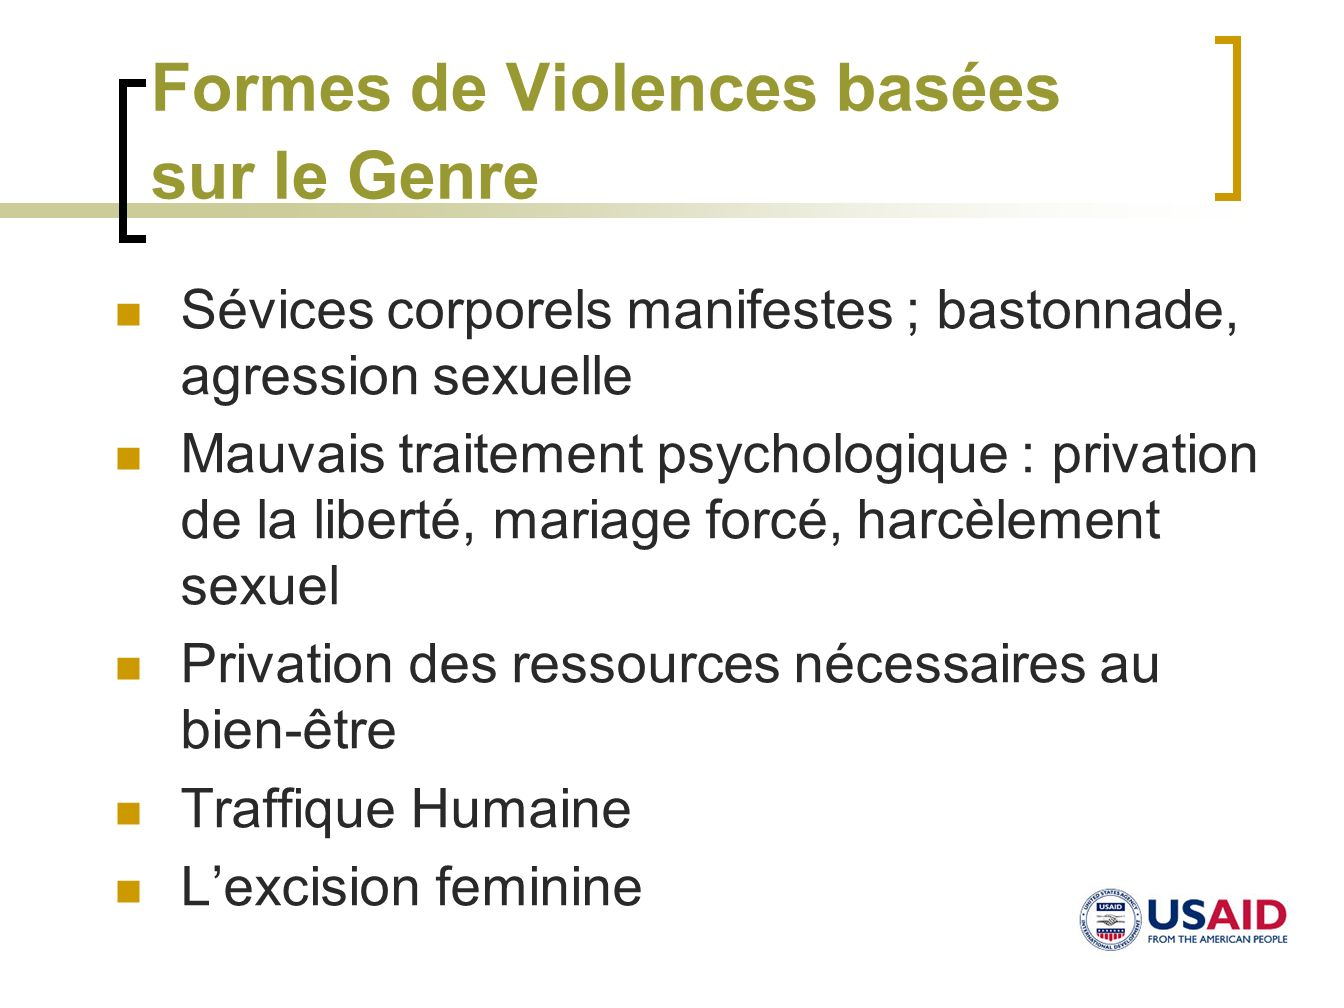 Formes de Violences basées sur le Genre